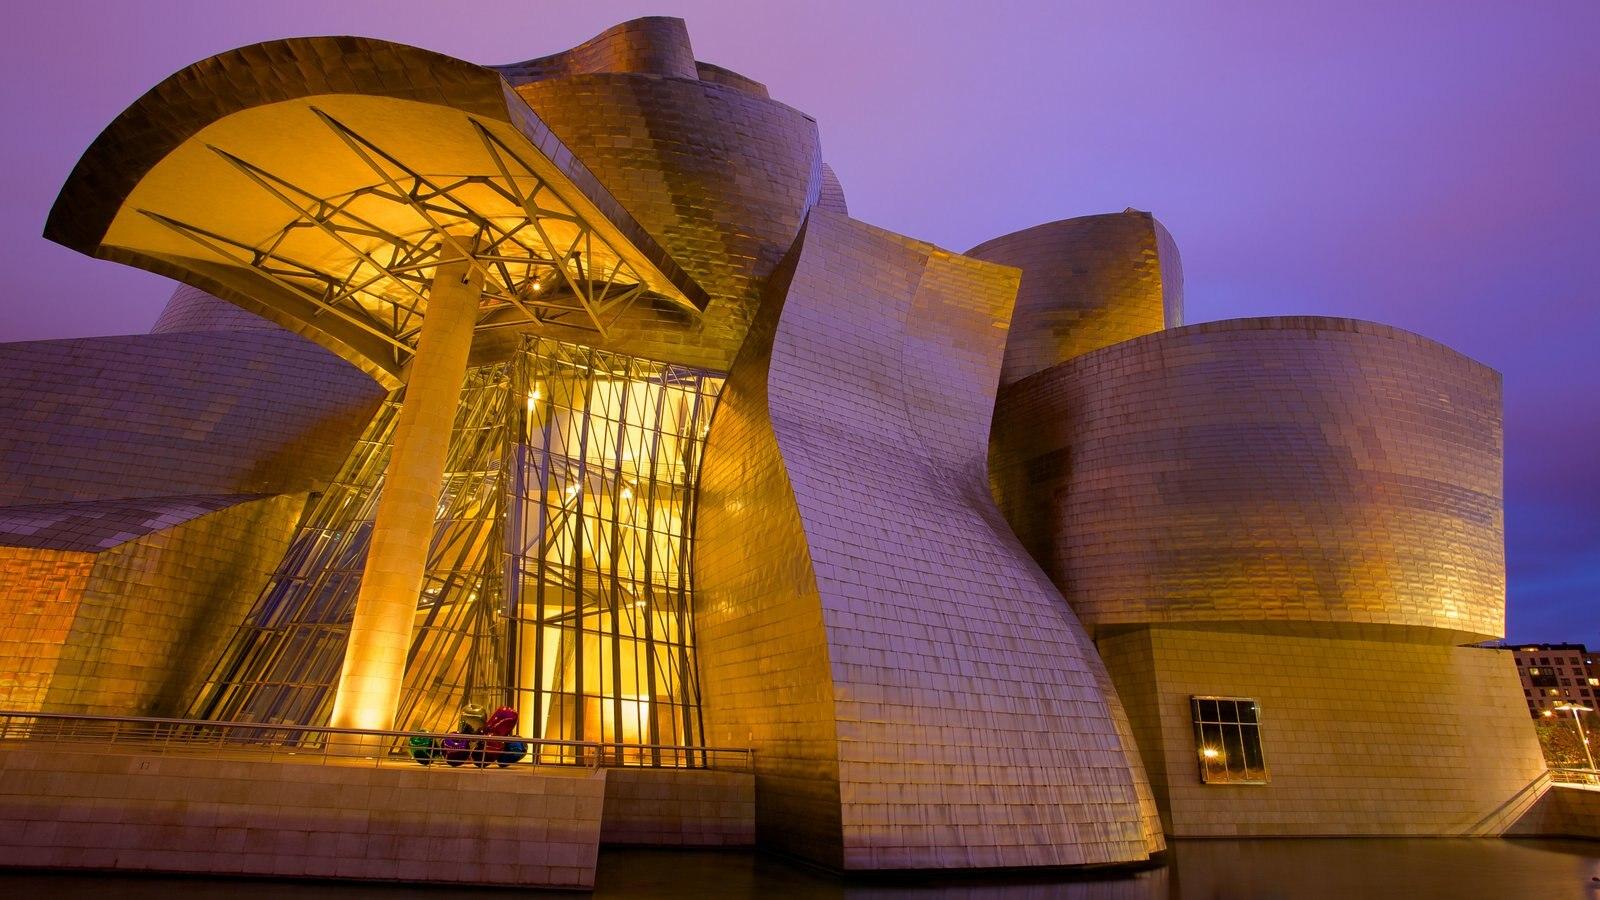 Fotos de arquitectura moderna ver im genes de espa a - Arquitectura pais vasco ...